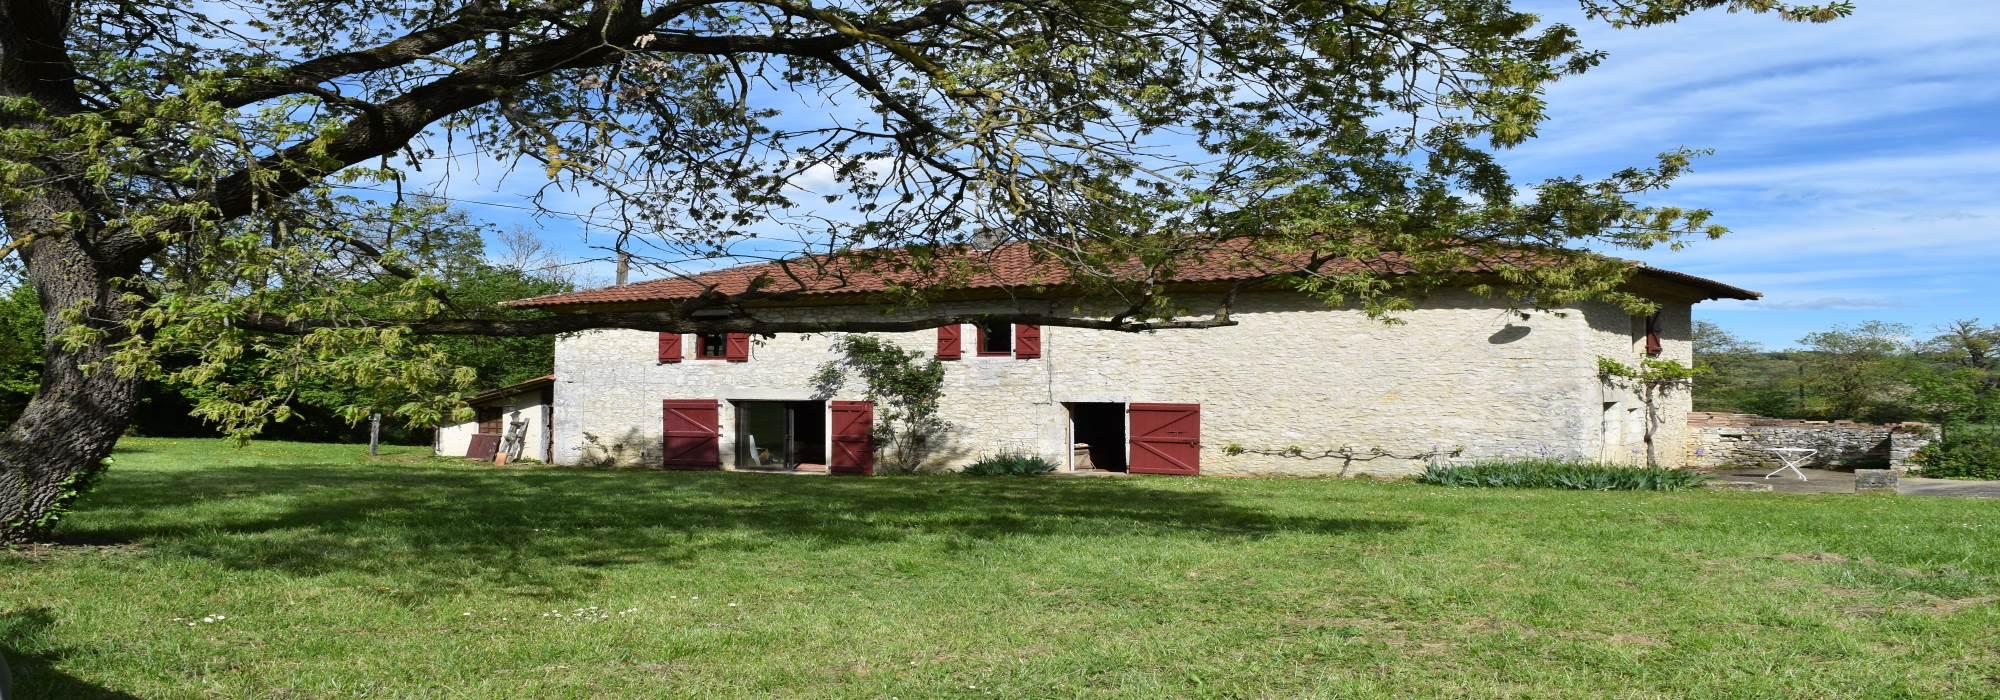 Maison en pierre 160 m² sur parc 1Ha